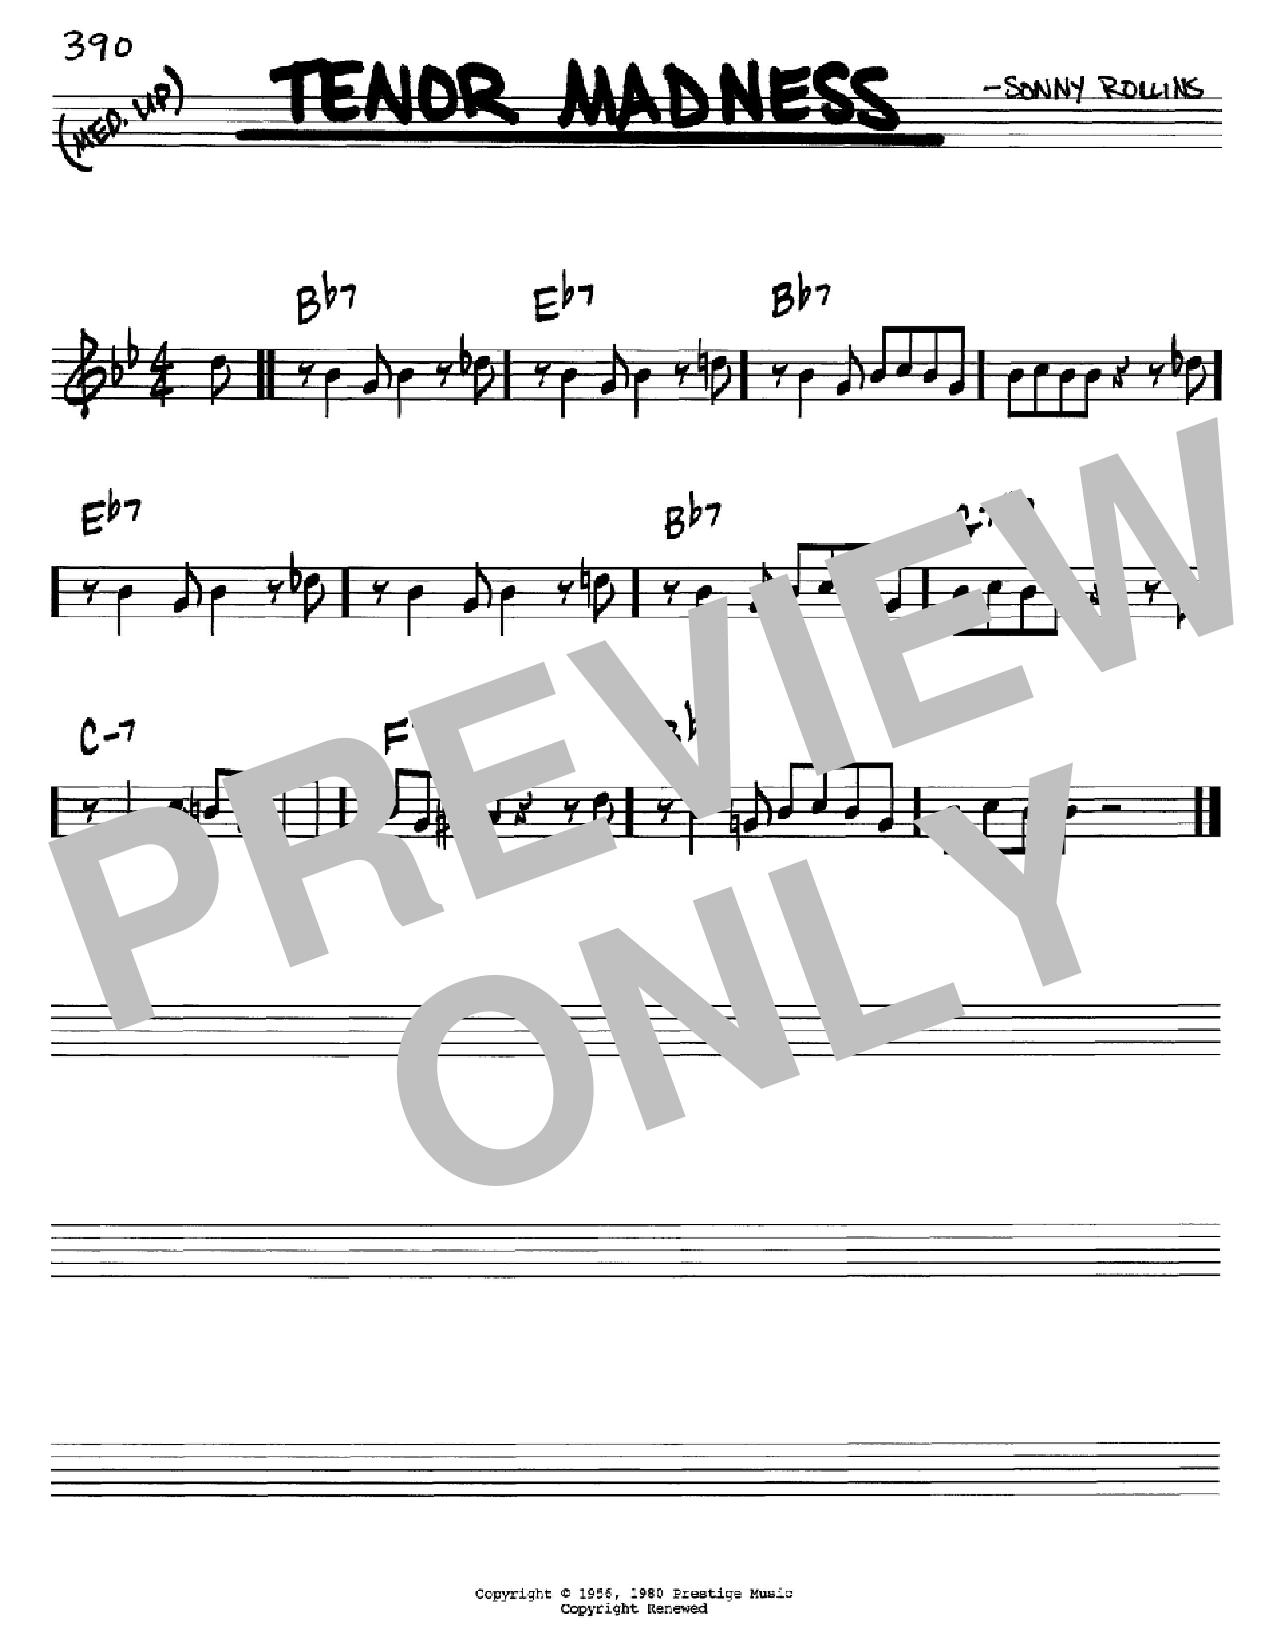 Partition autre Tenor Madness de Sonny Rollins - Real Book, Melodie et Accords, Inst. En Do